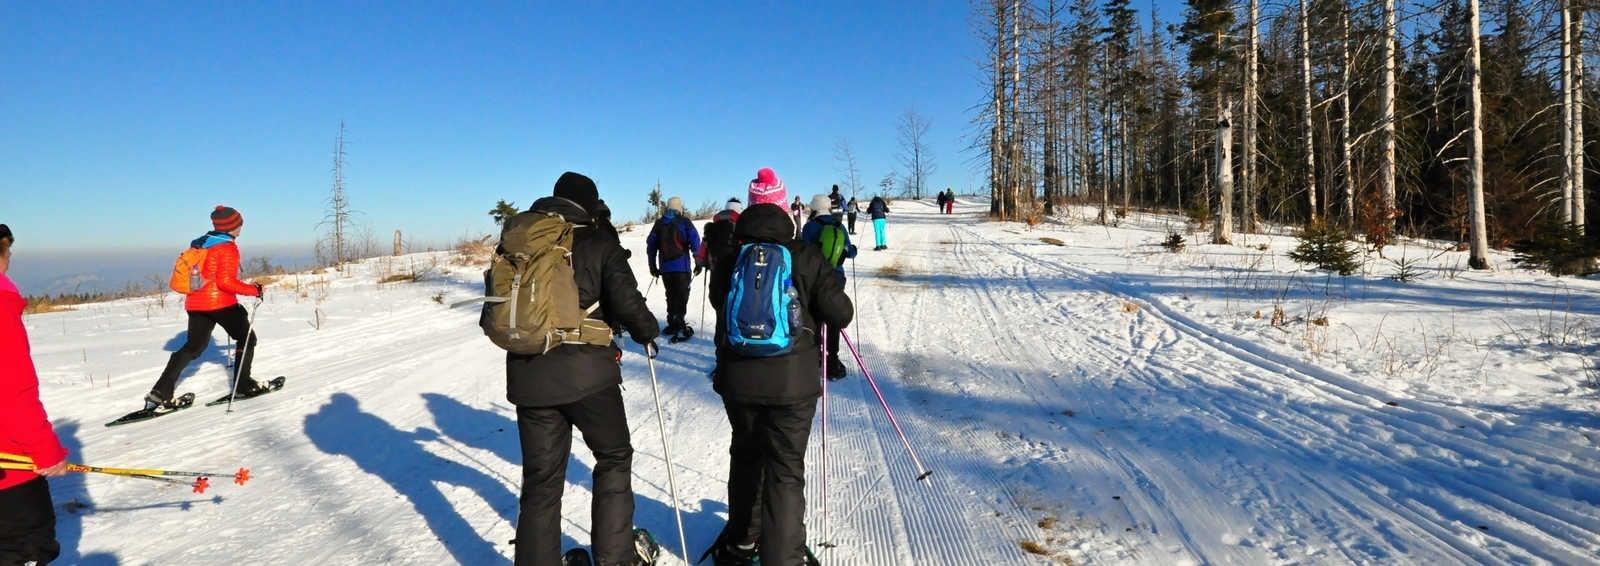 Winter Holidays in Slovakia, Slovakia Winter Trips, Slovakia